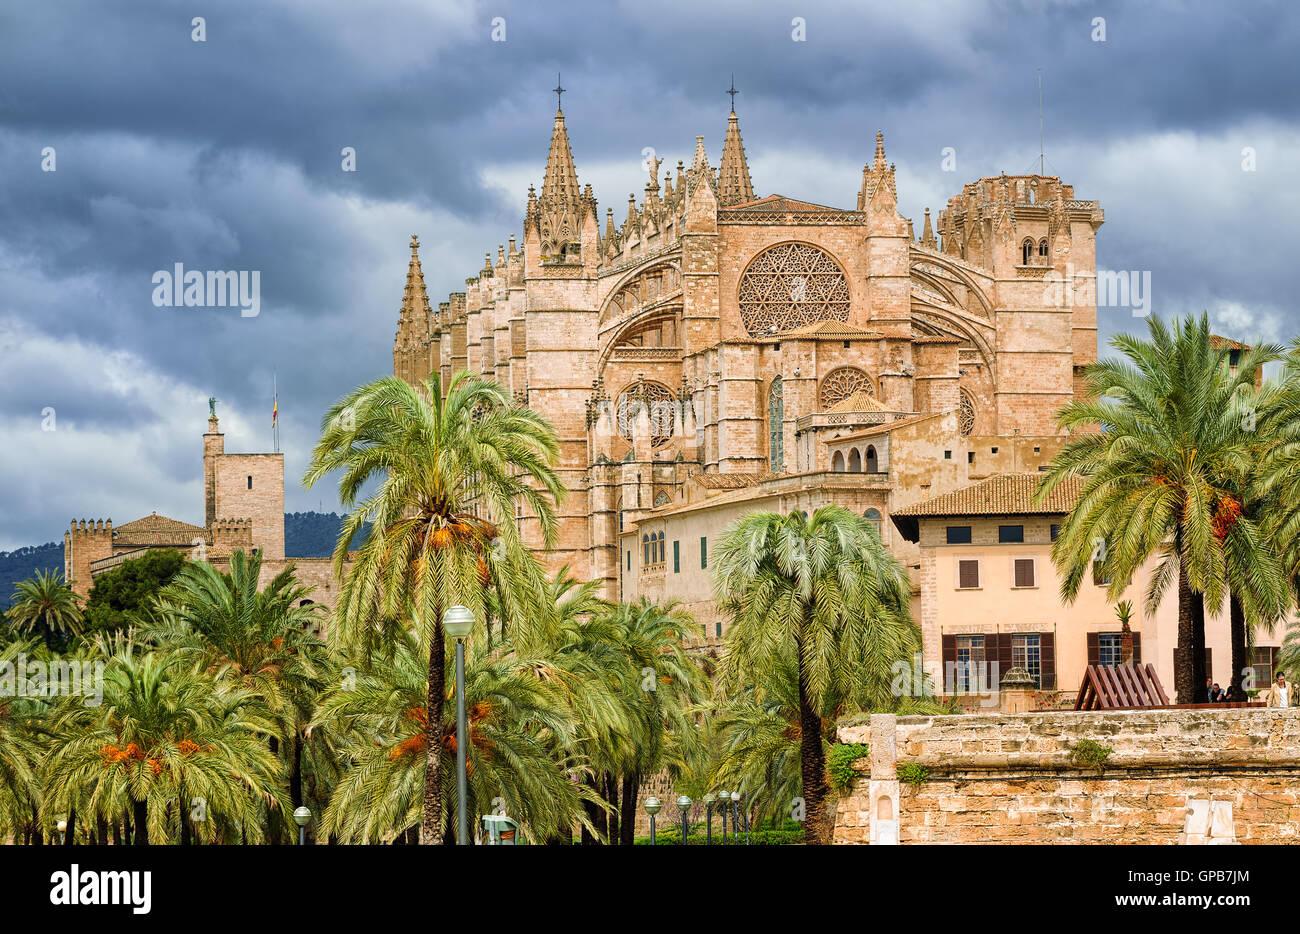 La Seu, cité médiévale cathédrale gothique de Palma de Mallorca, dans le jardin de palmiers, Photo Stock